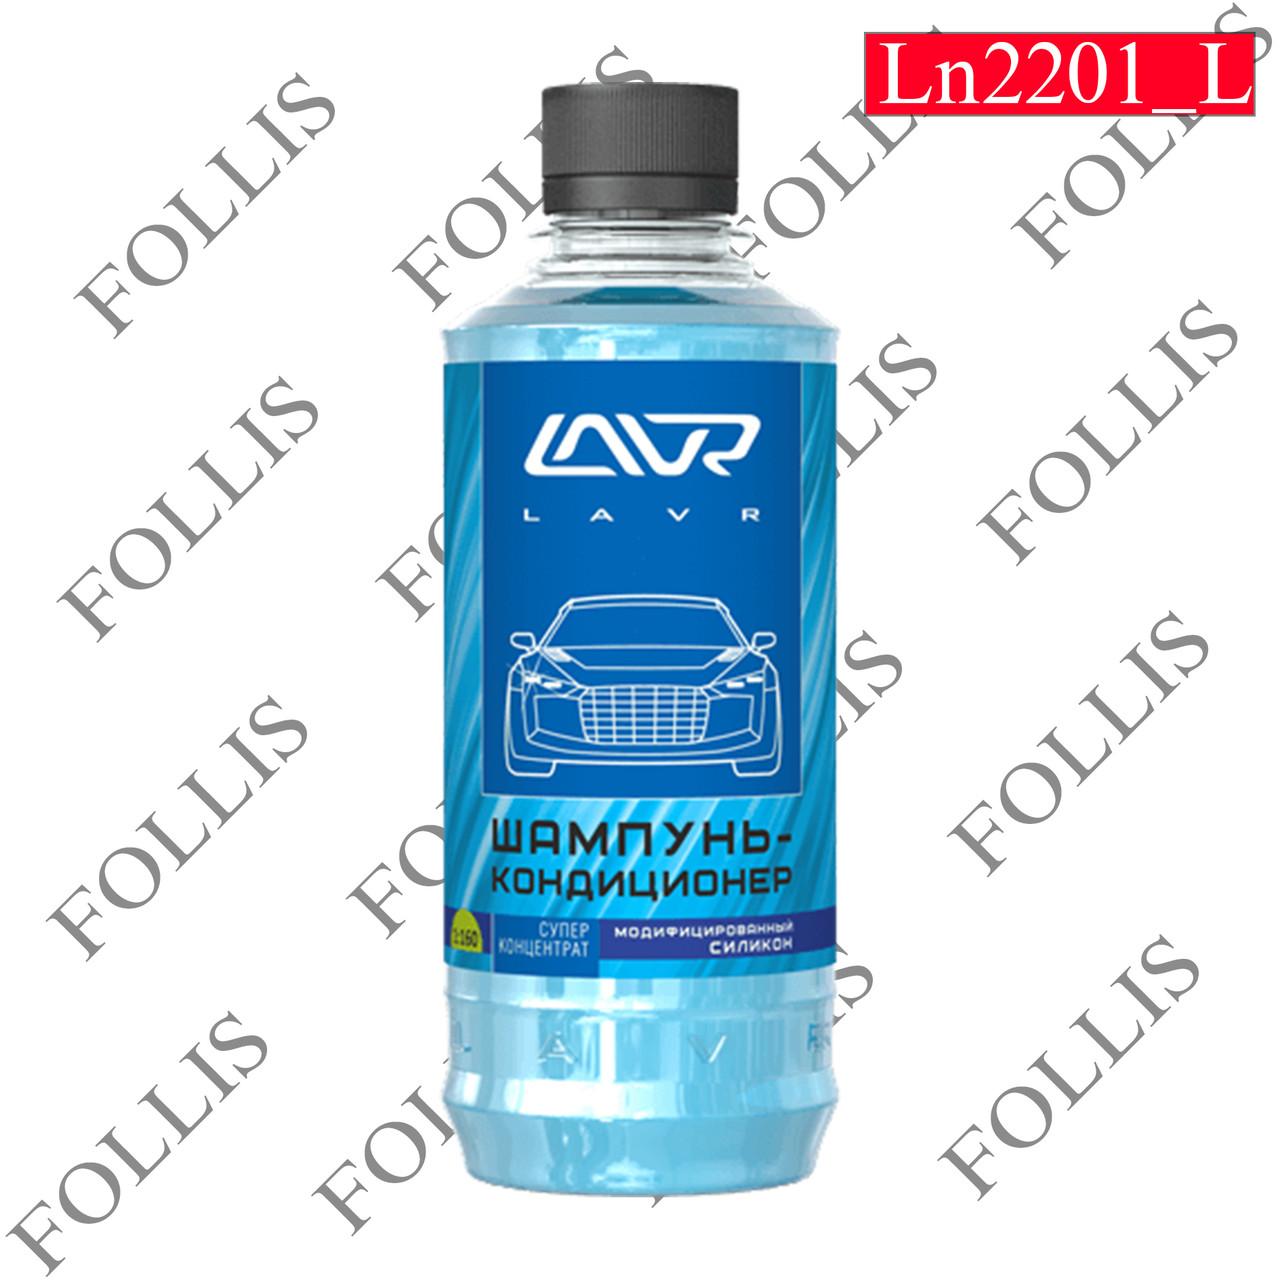 Ручной автошампунь-кондиционер с модифицированным силиконом (суперконцентрат 1:120 - 1:160) LAVR Aut